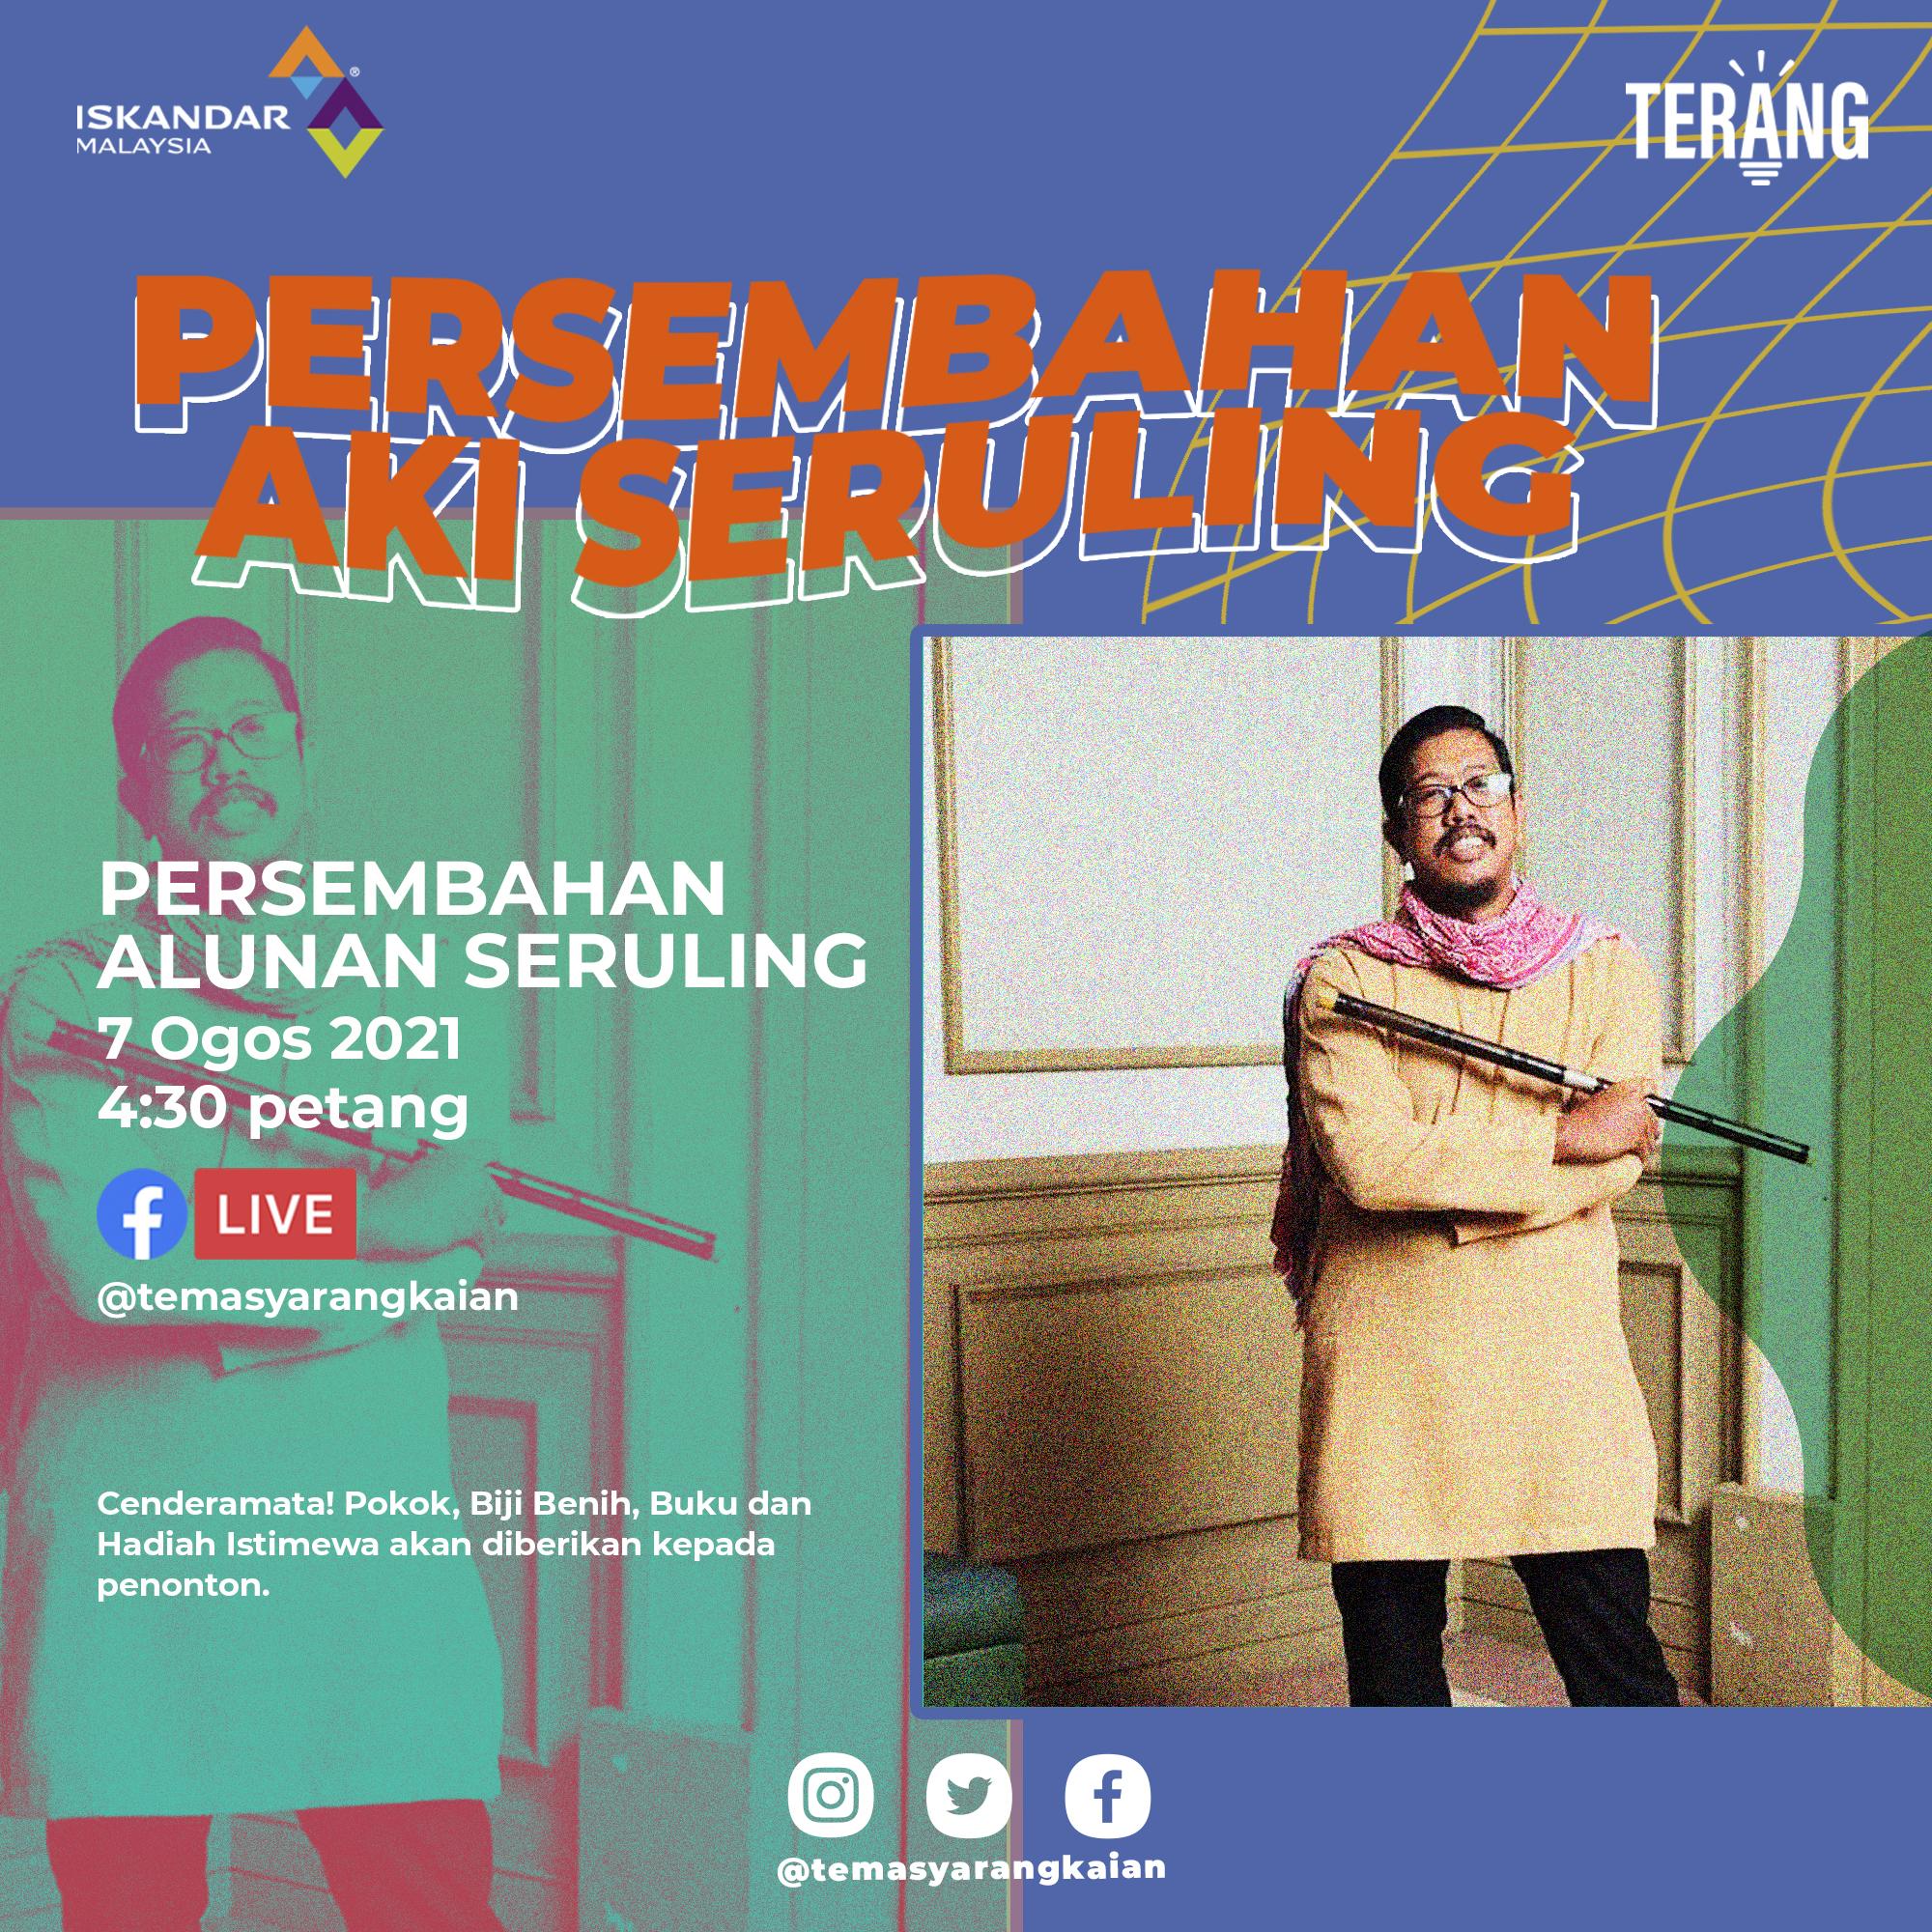 SEKUMPULAN PENGKARYA MALAYSIA TAMPIL DENGAN TEMASYA RANGKAIAN (TERANG) 2021